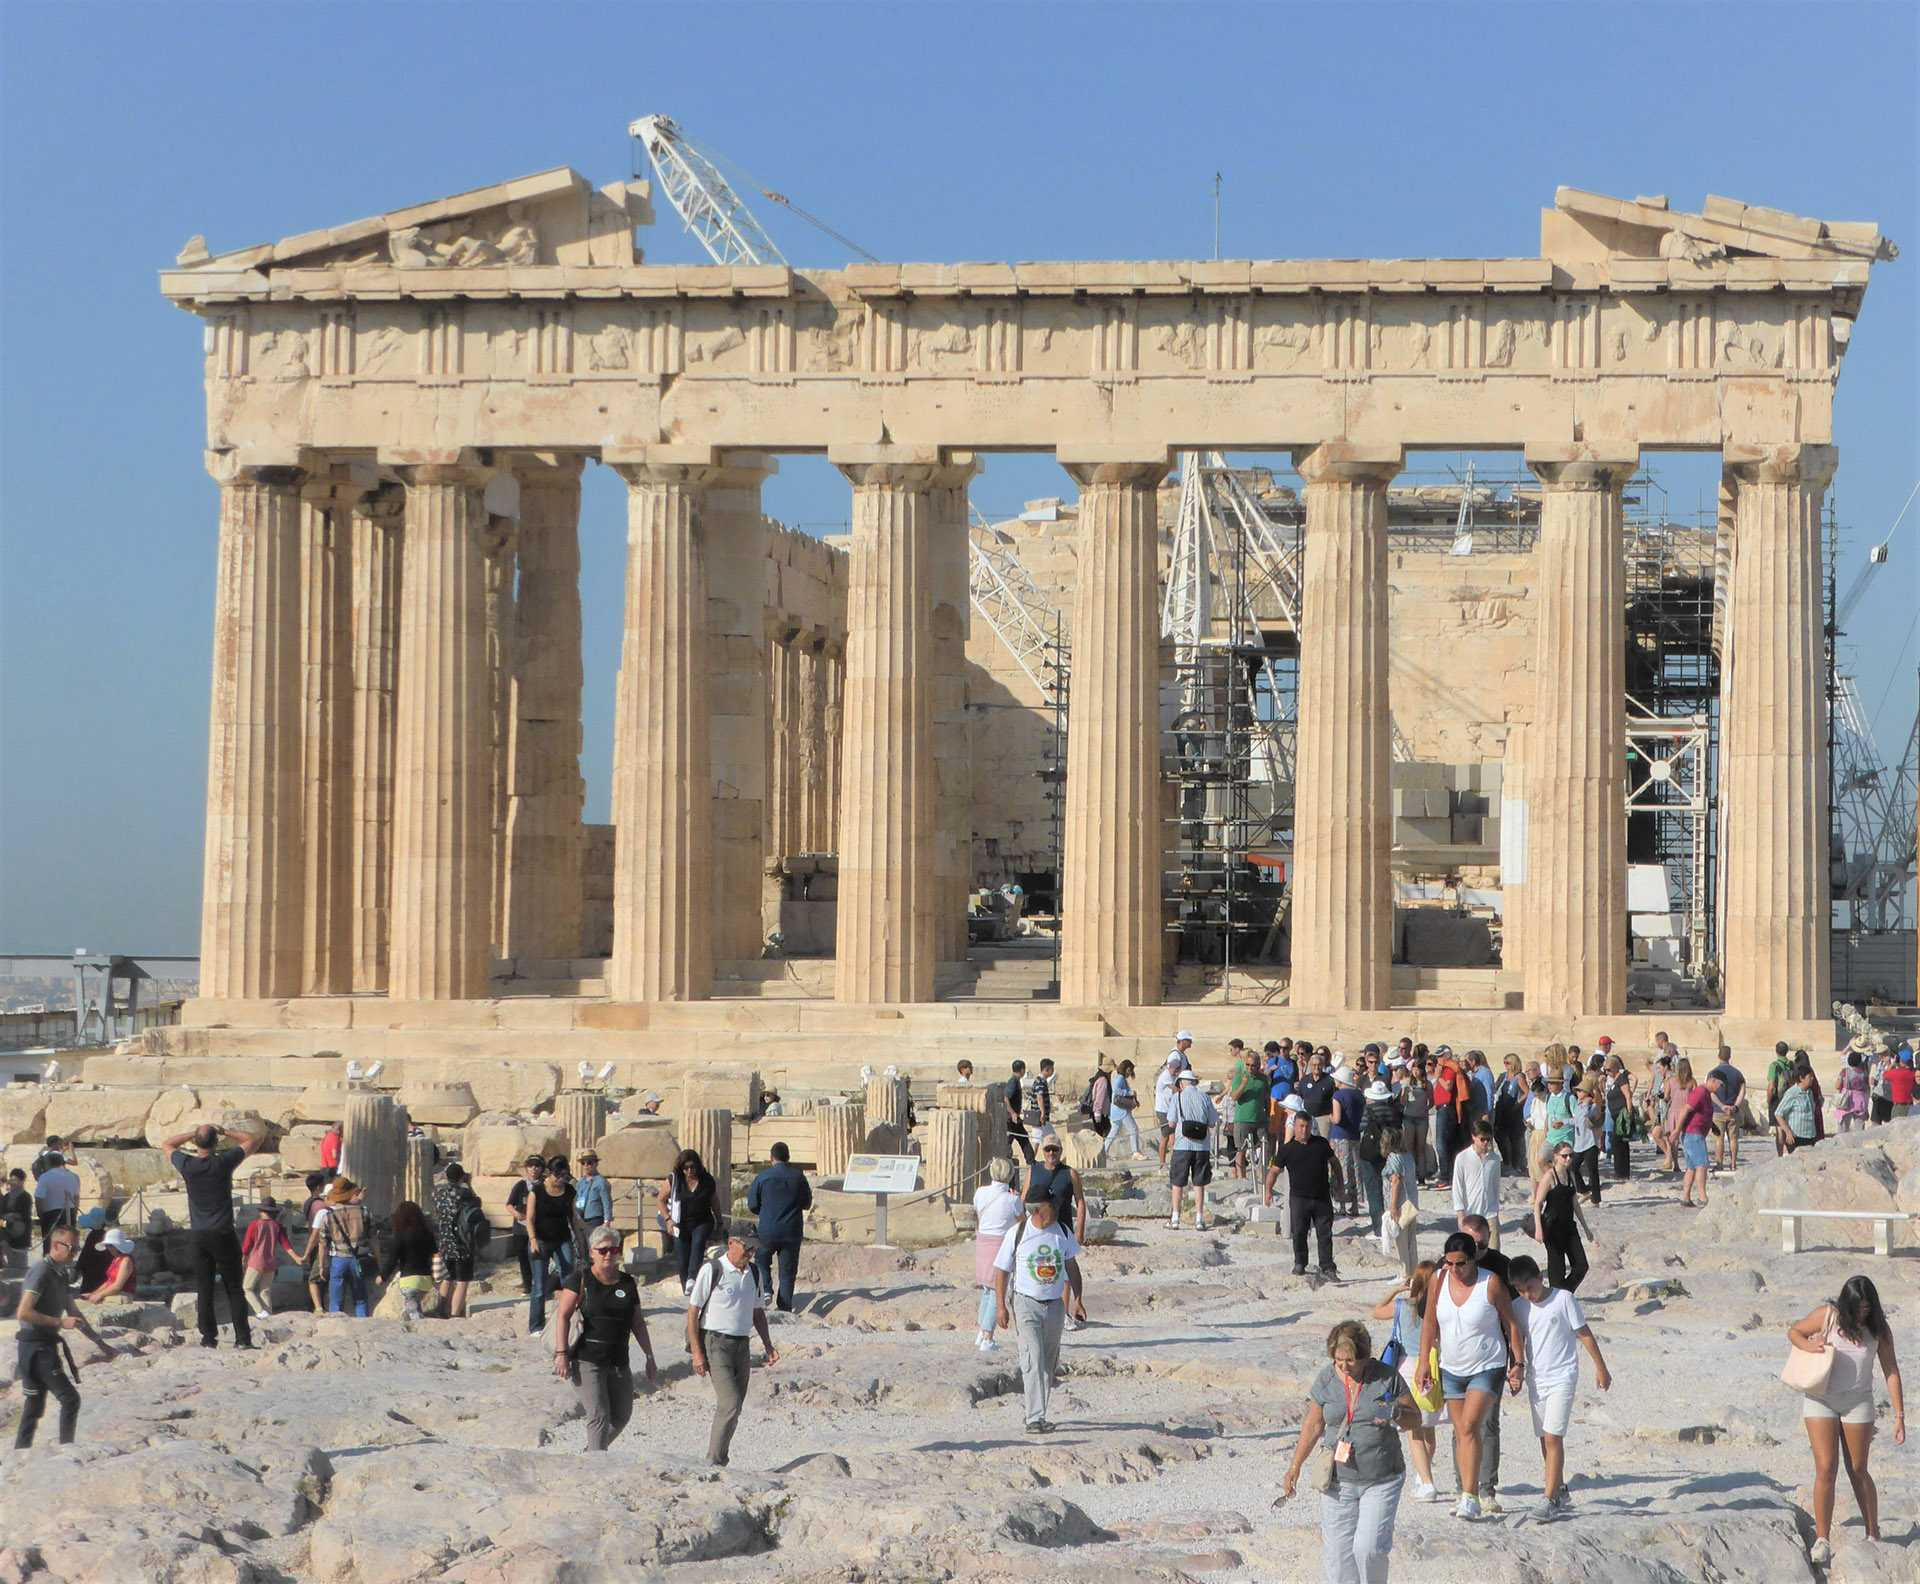 Acrópole e Museu da Acrópole - A Grécia do seu jeito